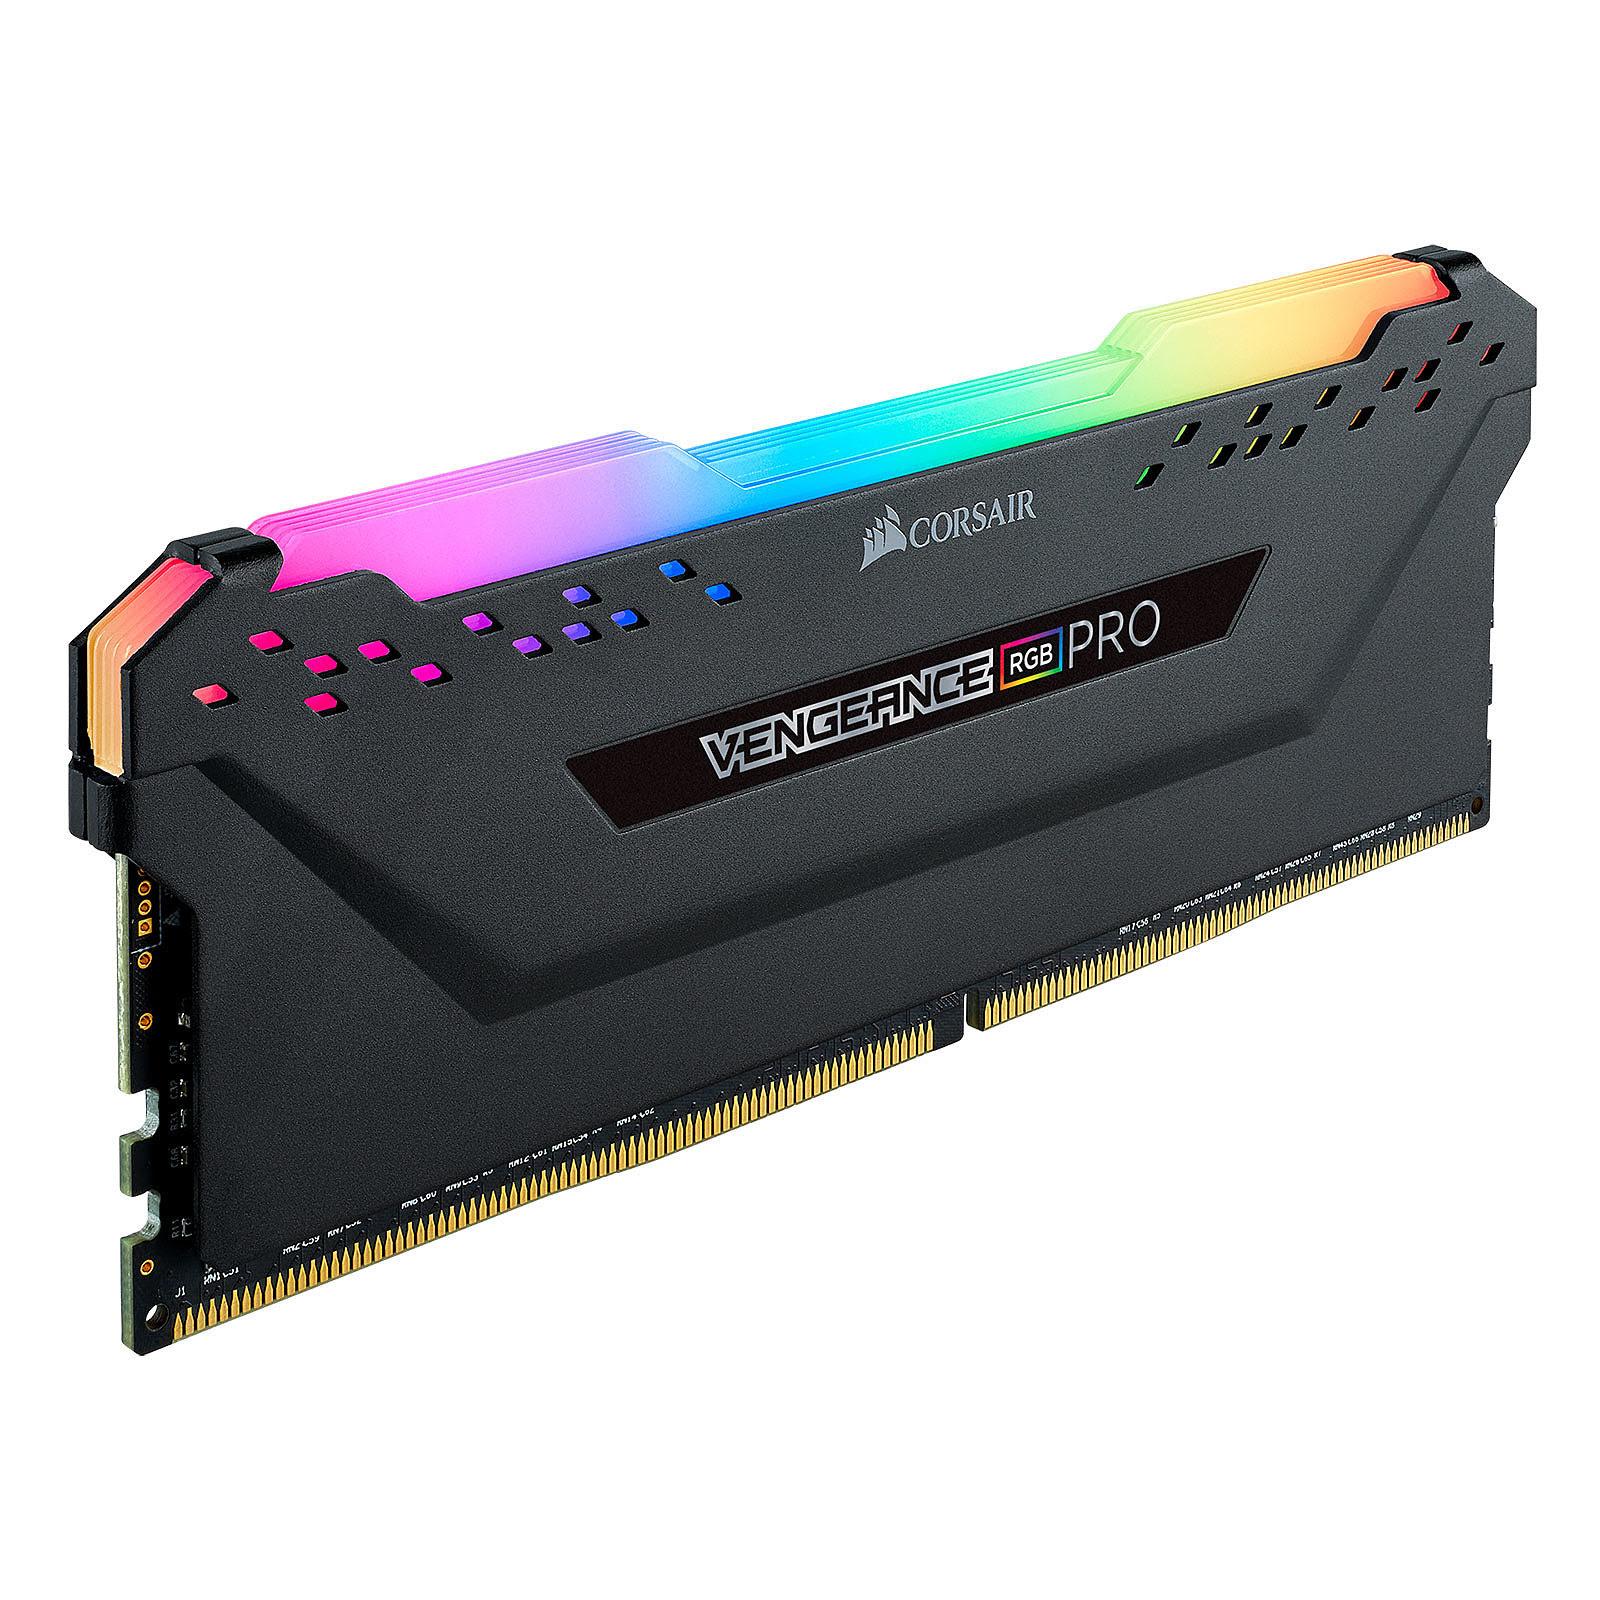 Corsair Vengeance RGB PRO  16Go DDR4 3200MHz PC25600 - Mémoire PC Corsair sur Cybertek.fr - 2